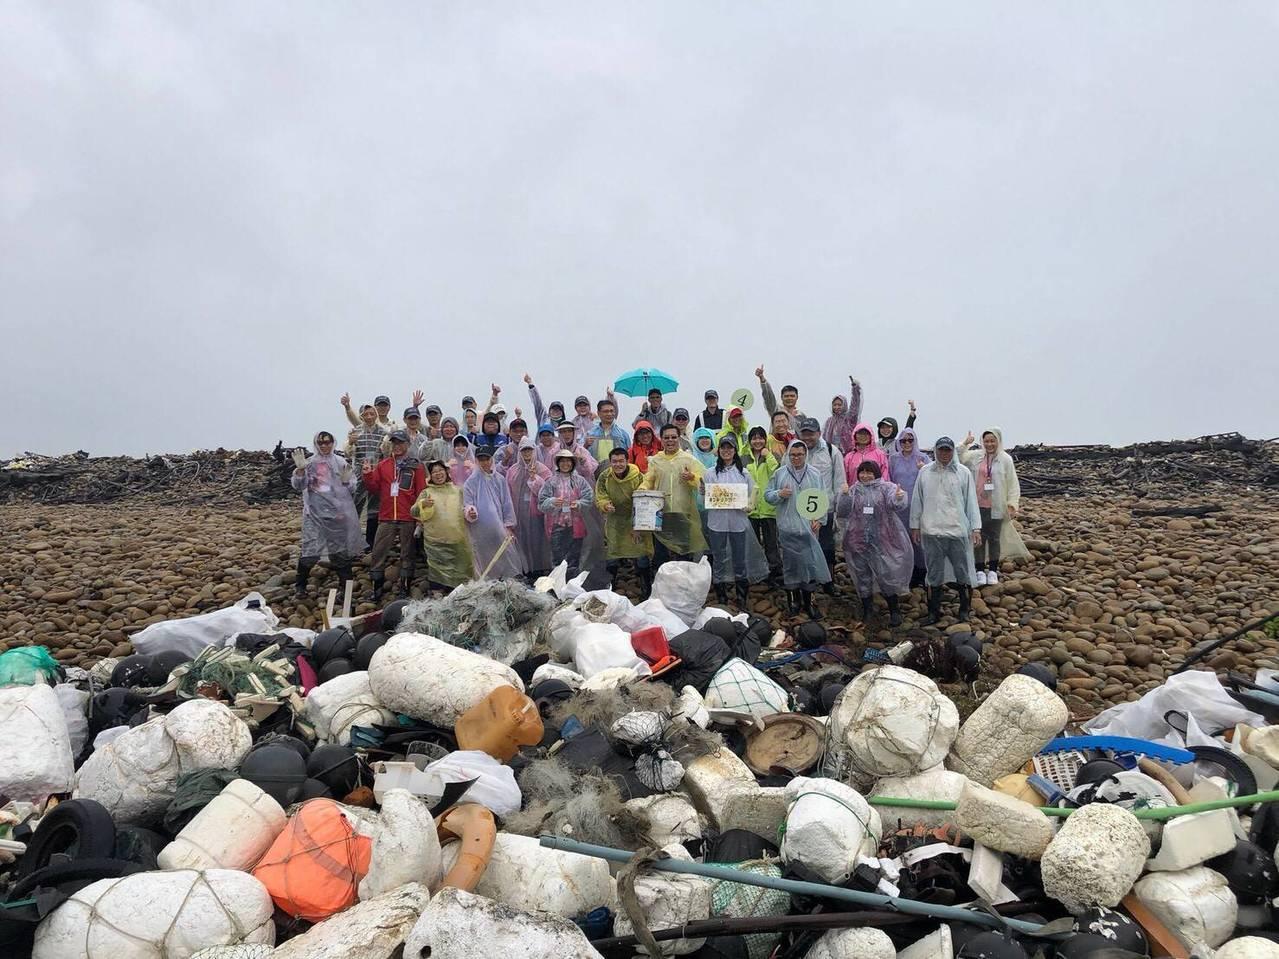 淨灘也夯垃圾車開箱 廢漁網、輪胎、塑膠瓶全現形